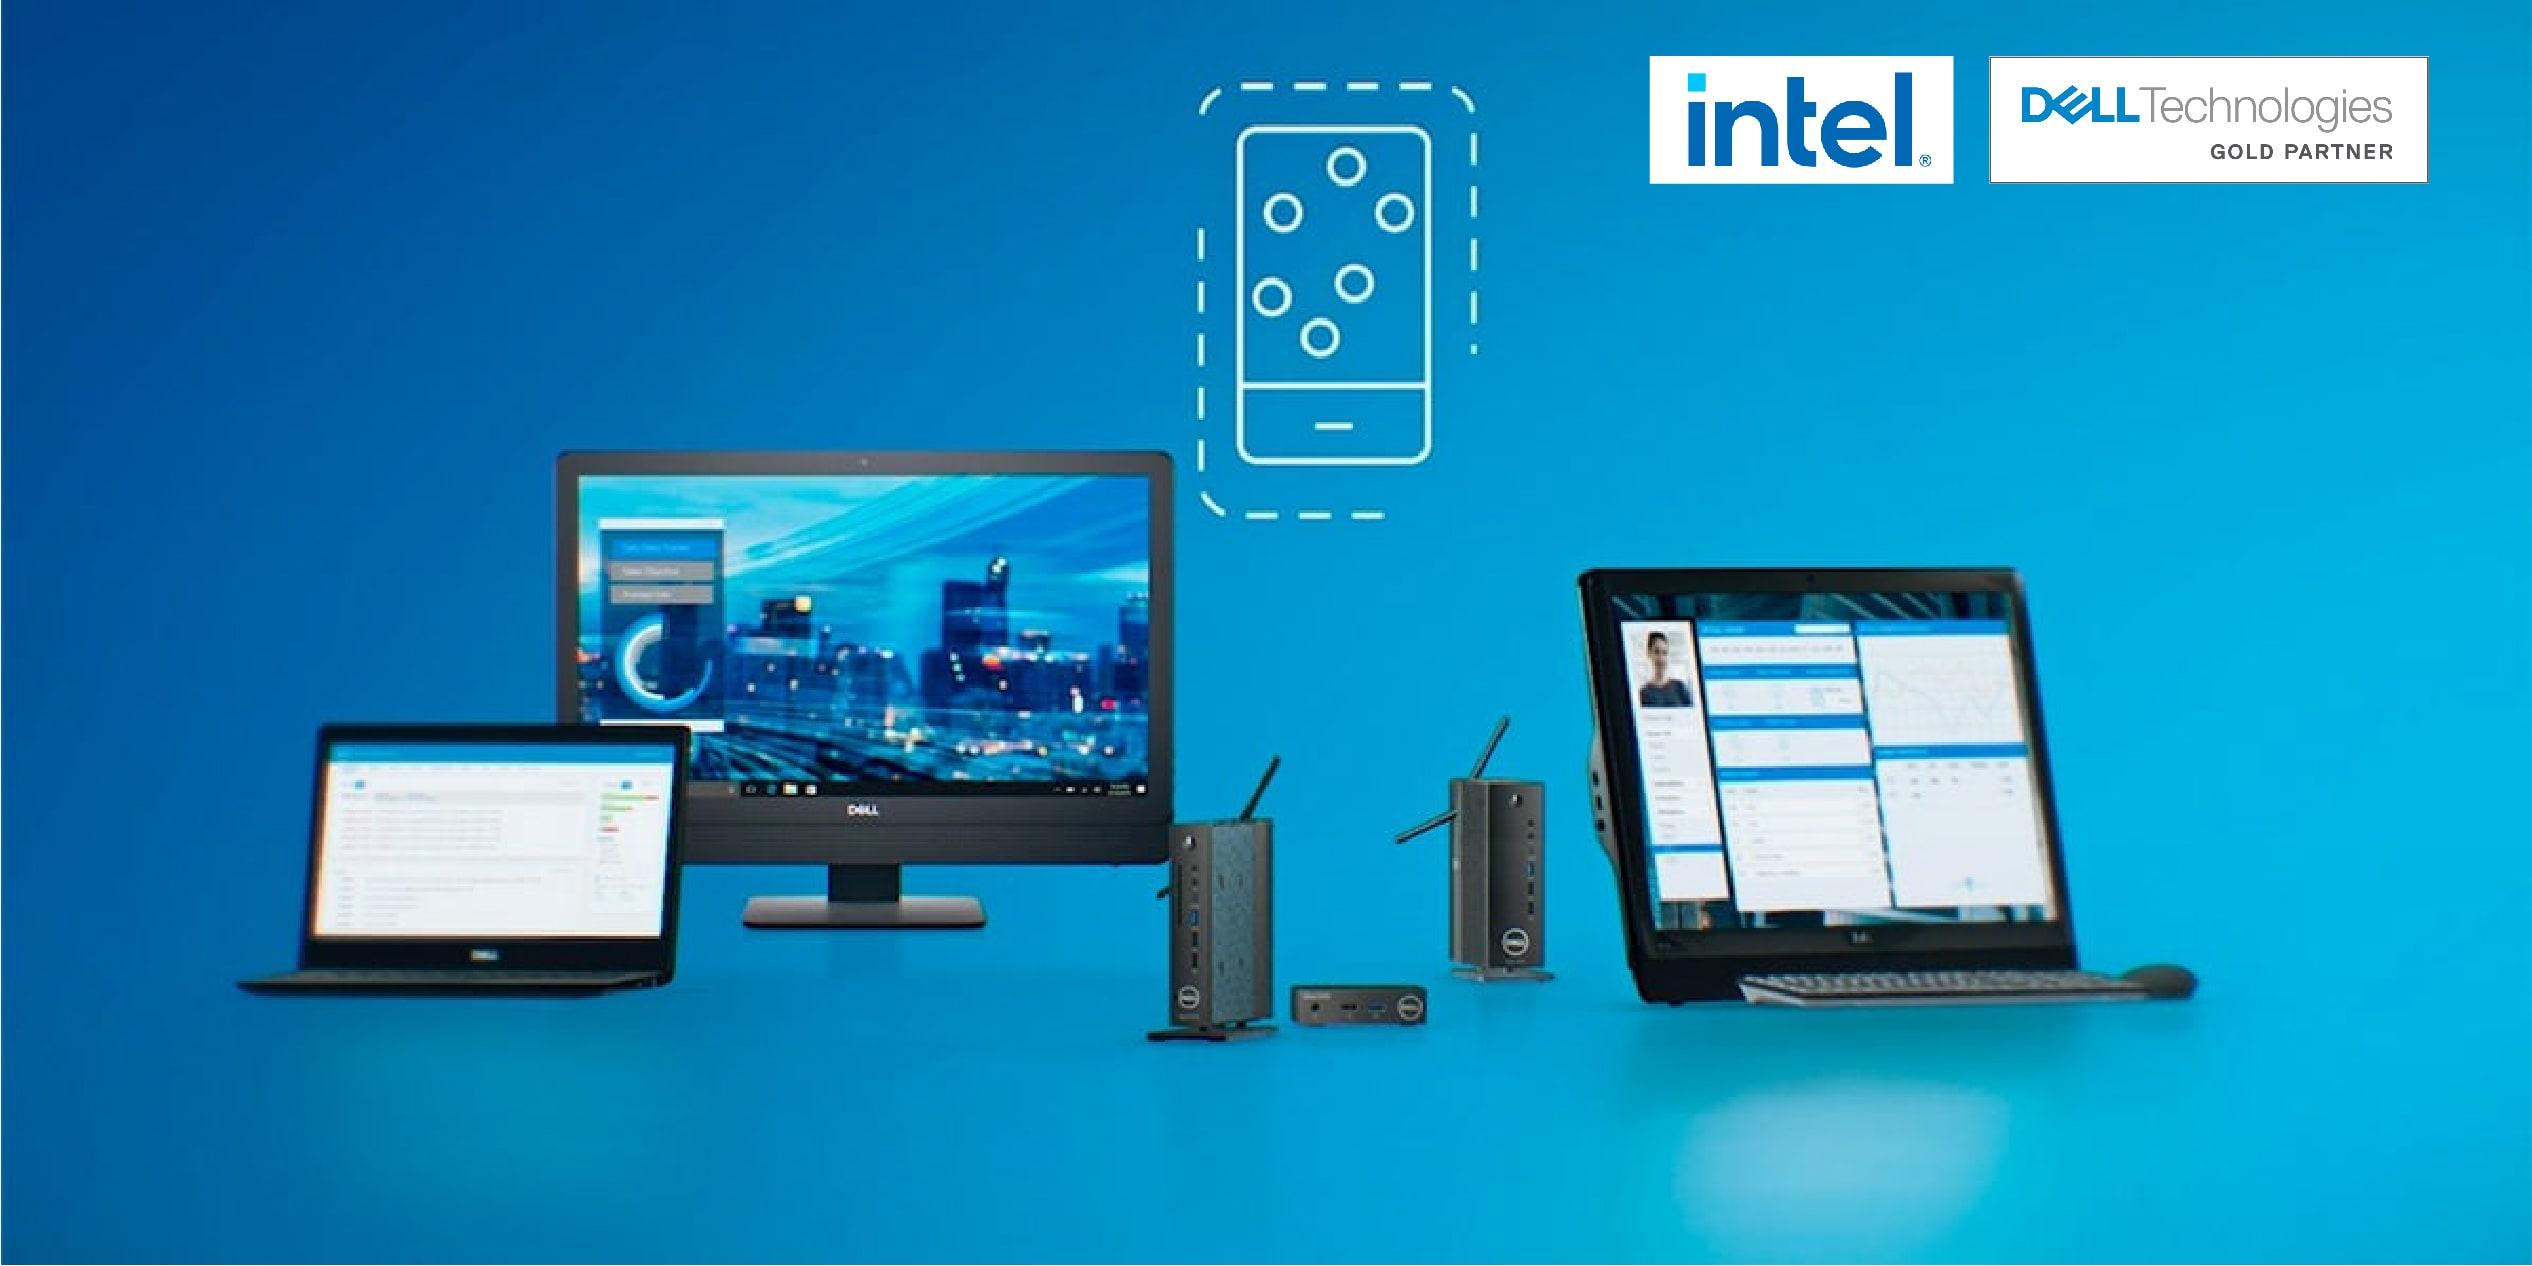 Università, come migliorare la user experience con Dell Technologies e Intel